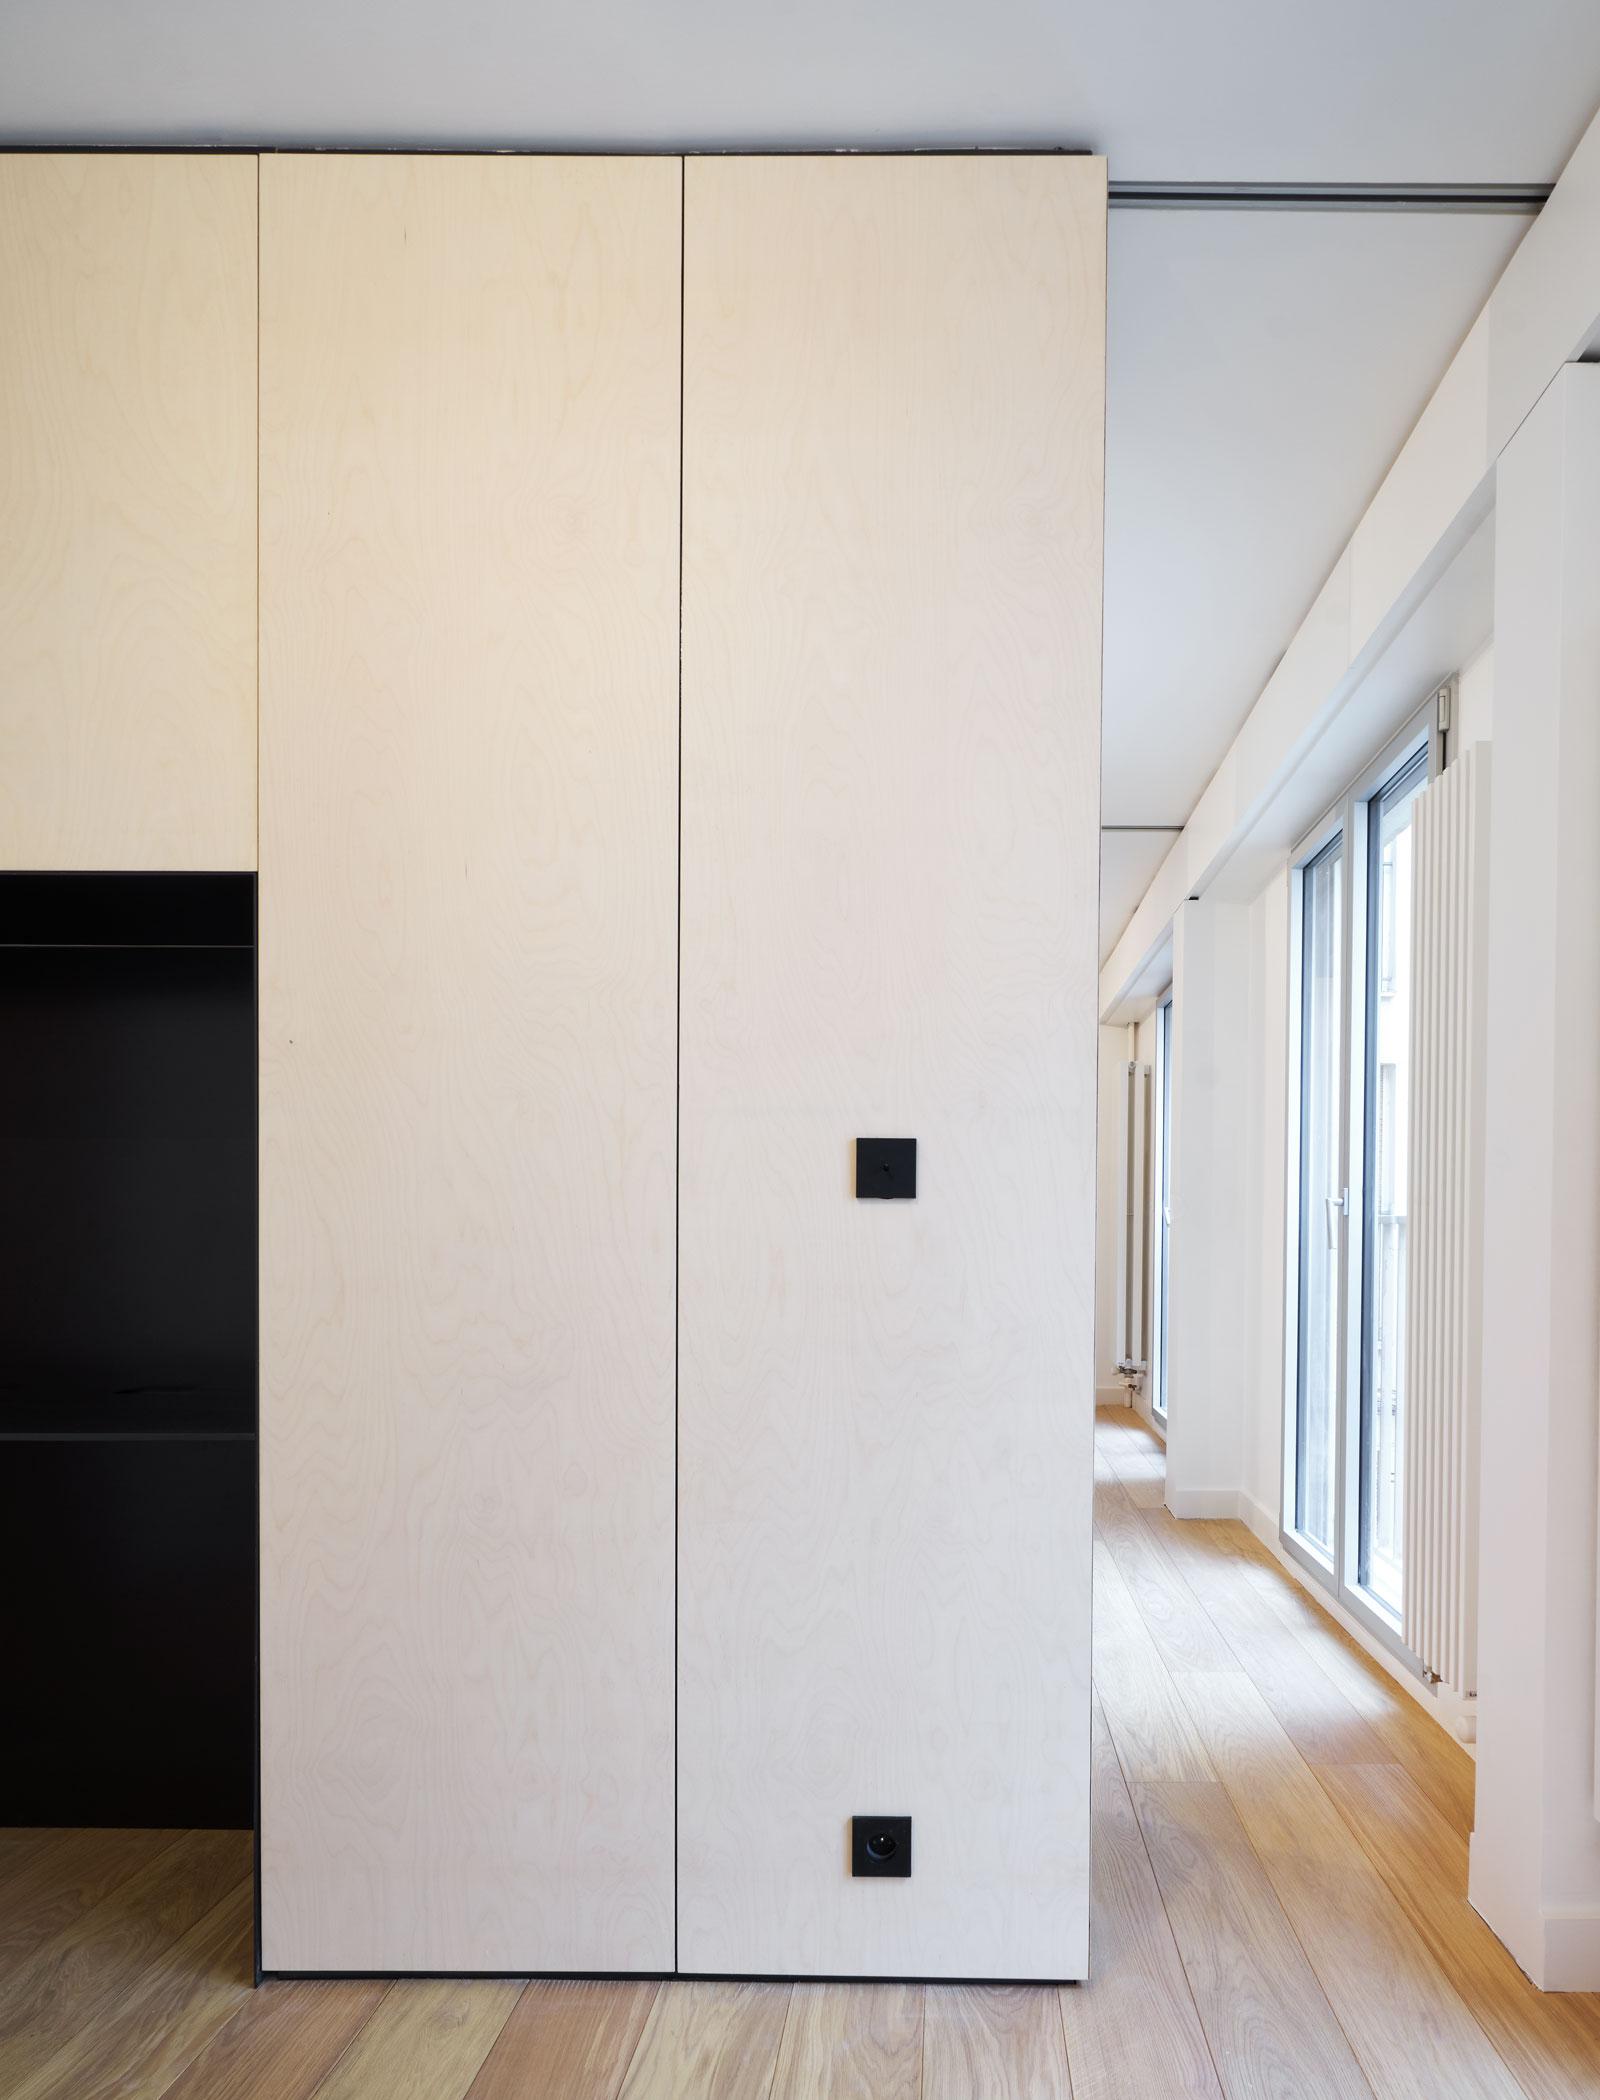 appartement B - heros architecture architecte intérieur parisien paris appartement logement rénovation réhabilitation extension restructuration minimaliste design épuré, porte coulissante, porte à galandage